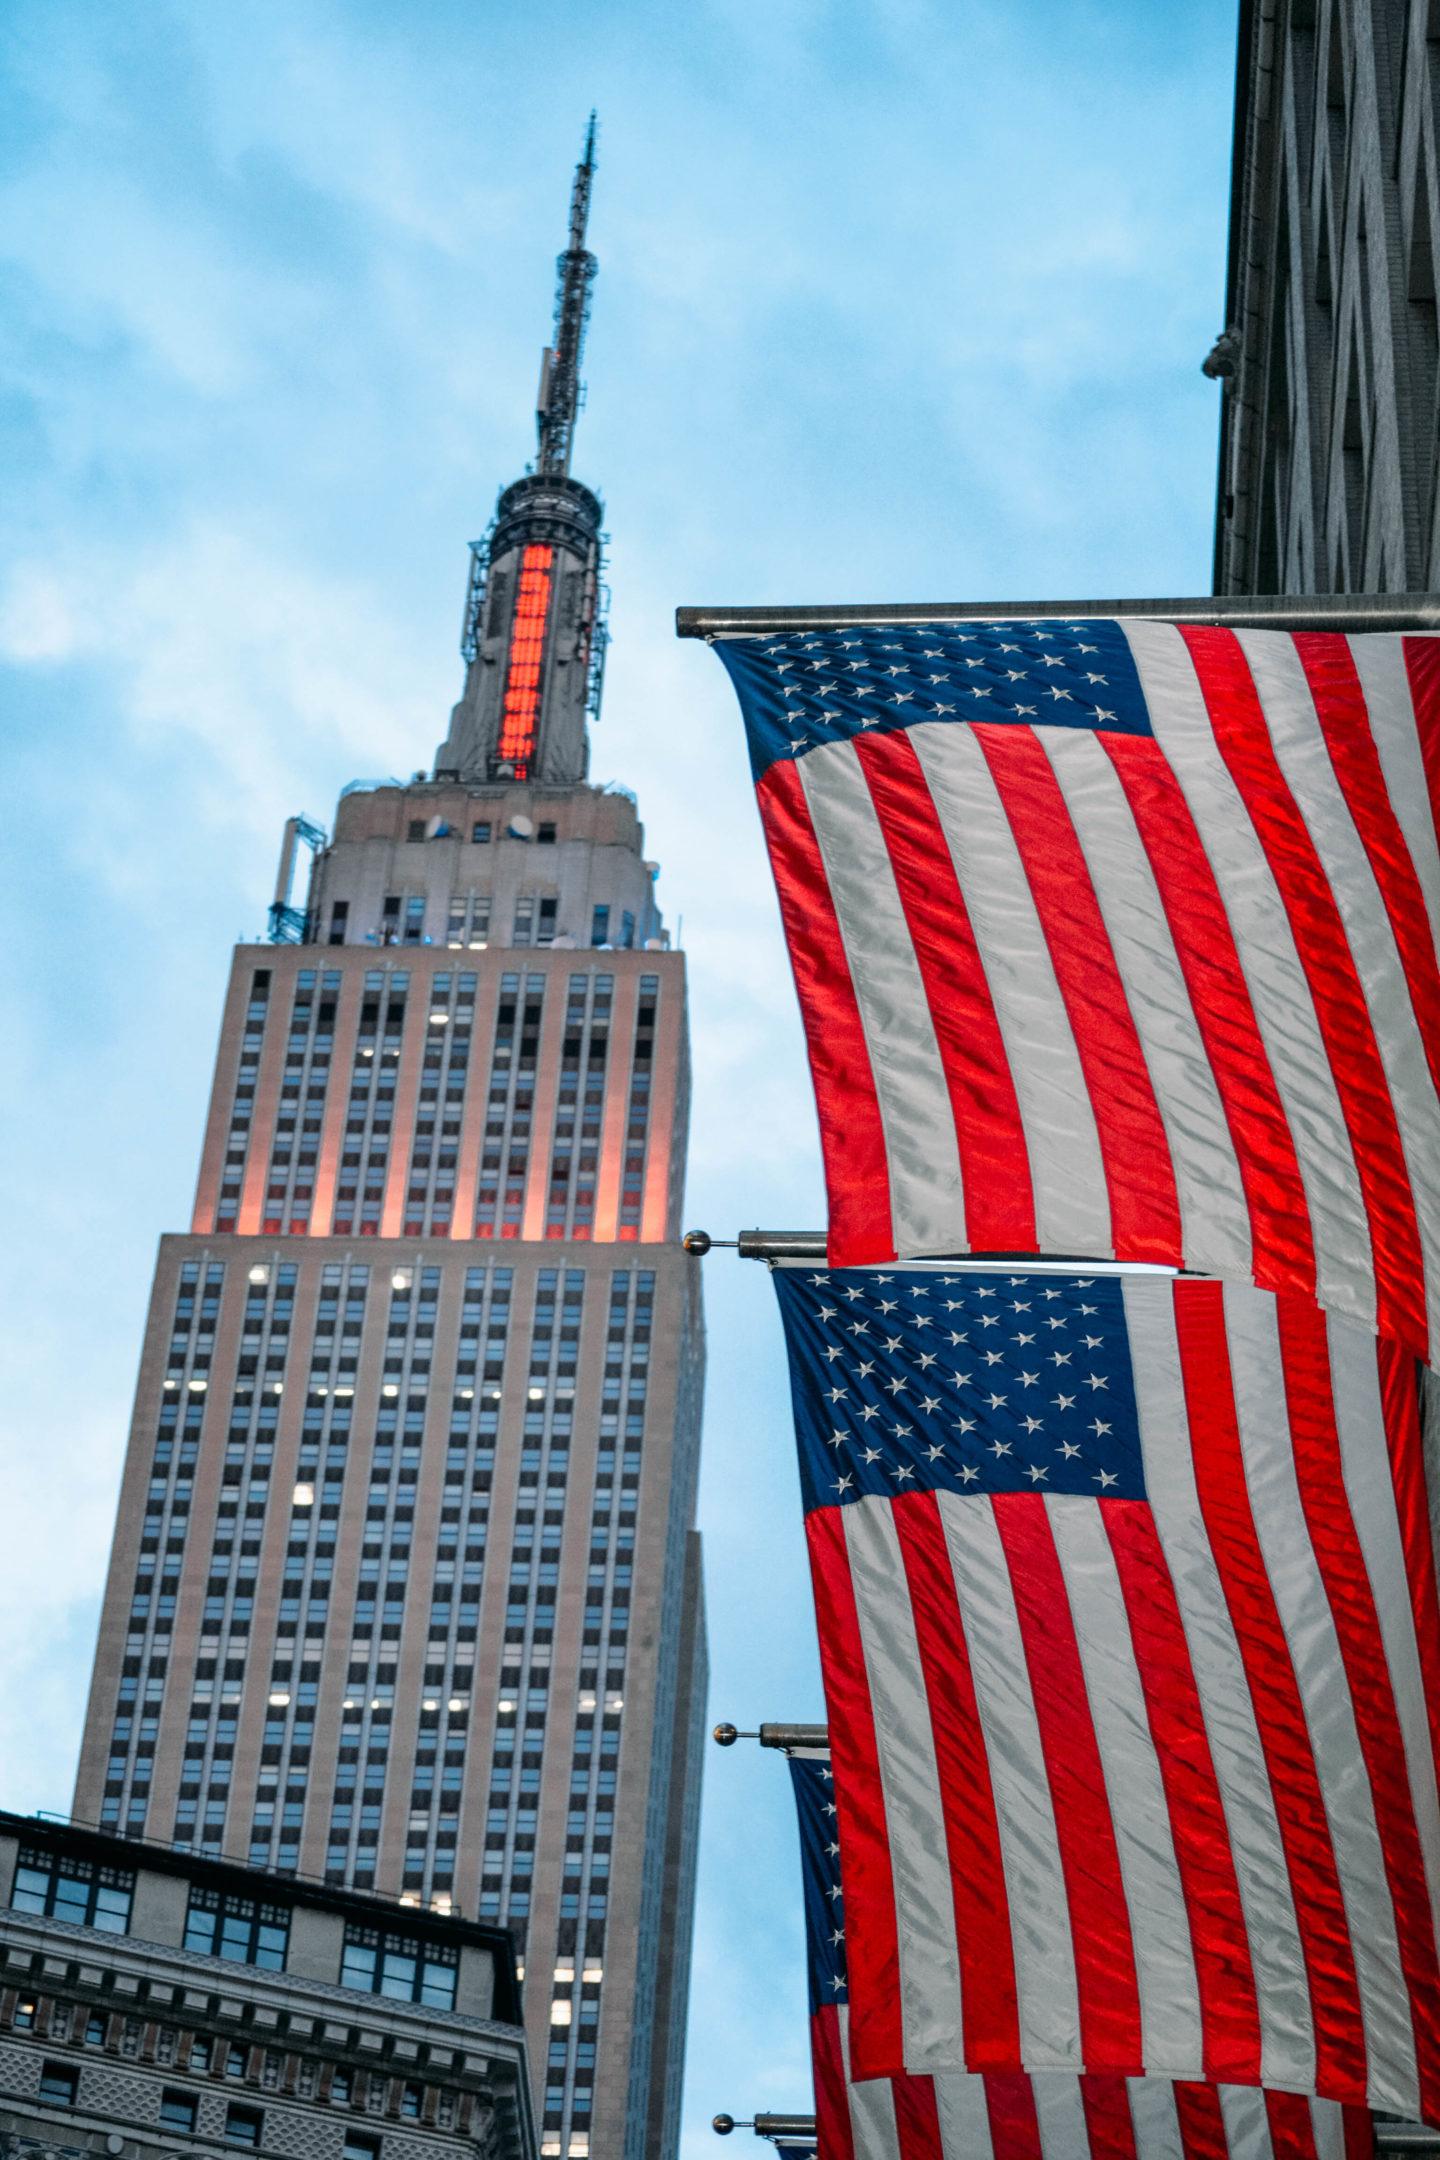 punta dell'empire state building e due bandiere americane